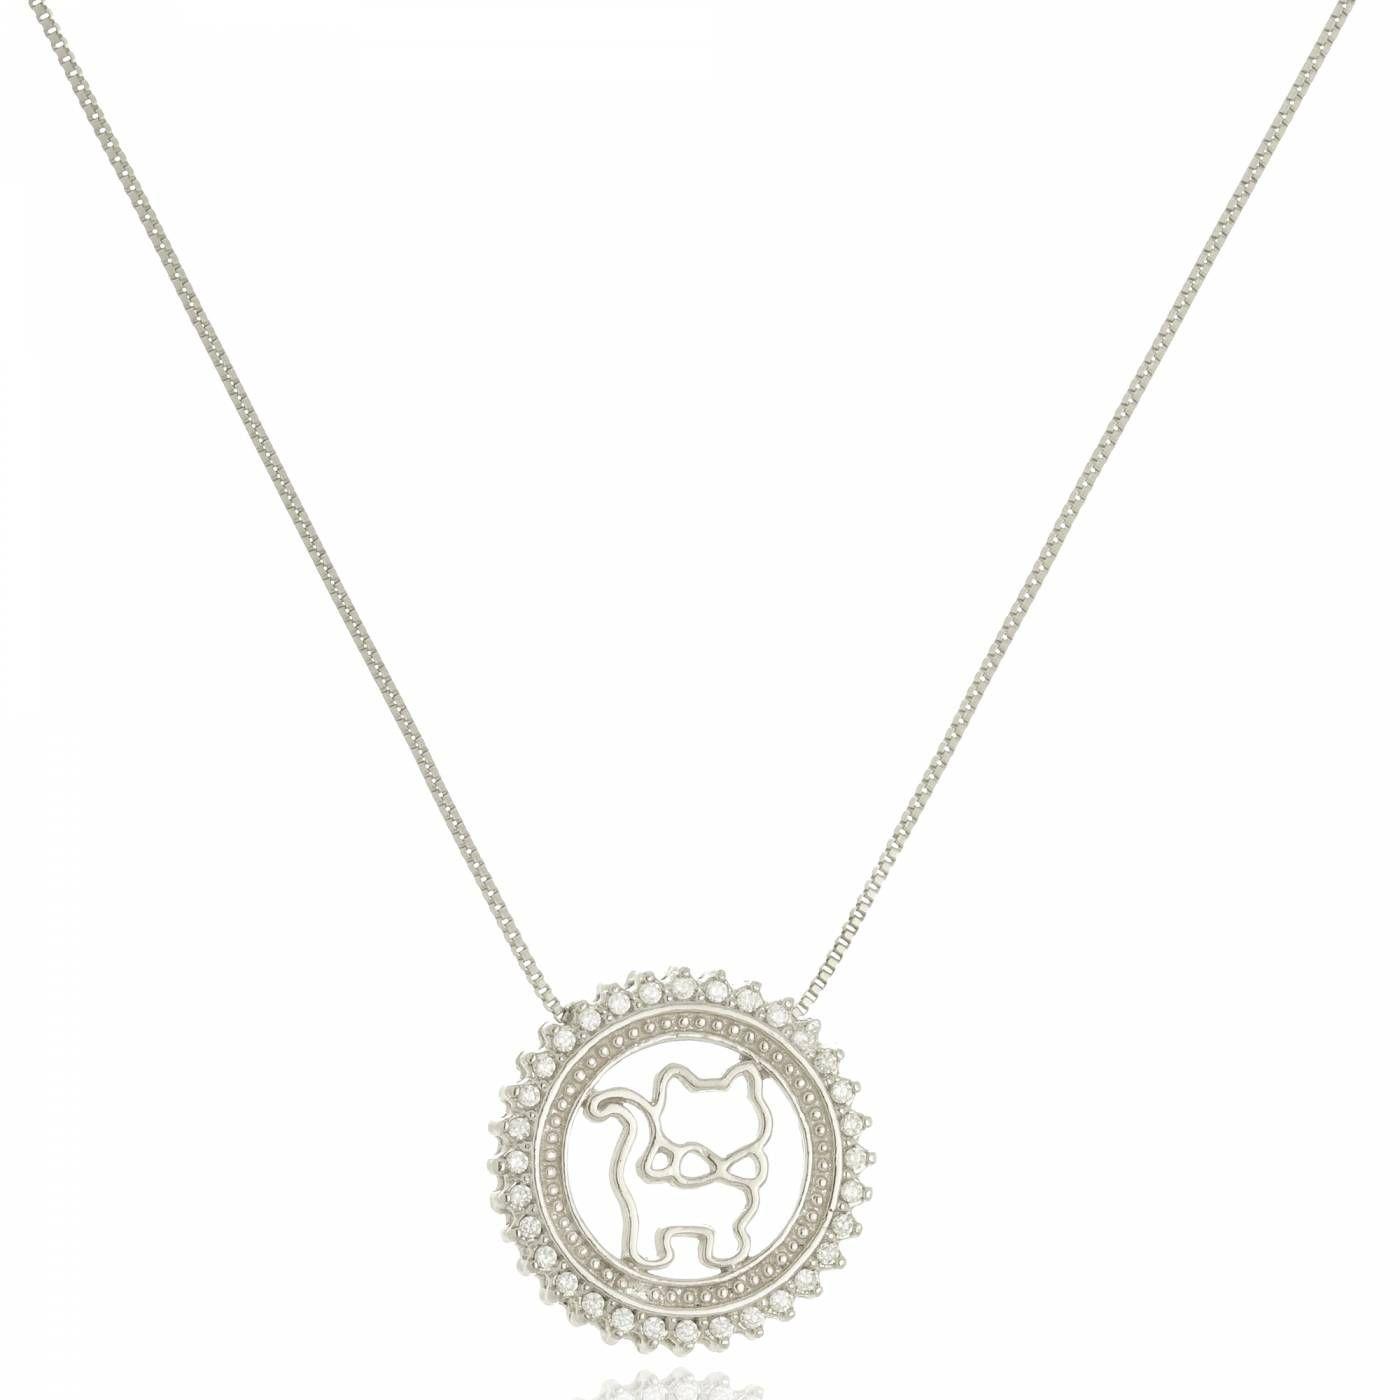 Colar Medalha Gatinha com Zircônias Folheado em Ródio Branco